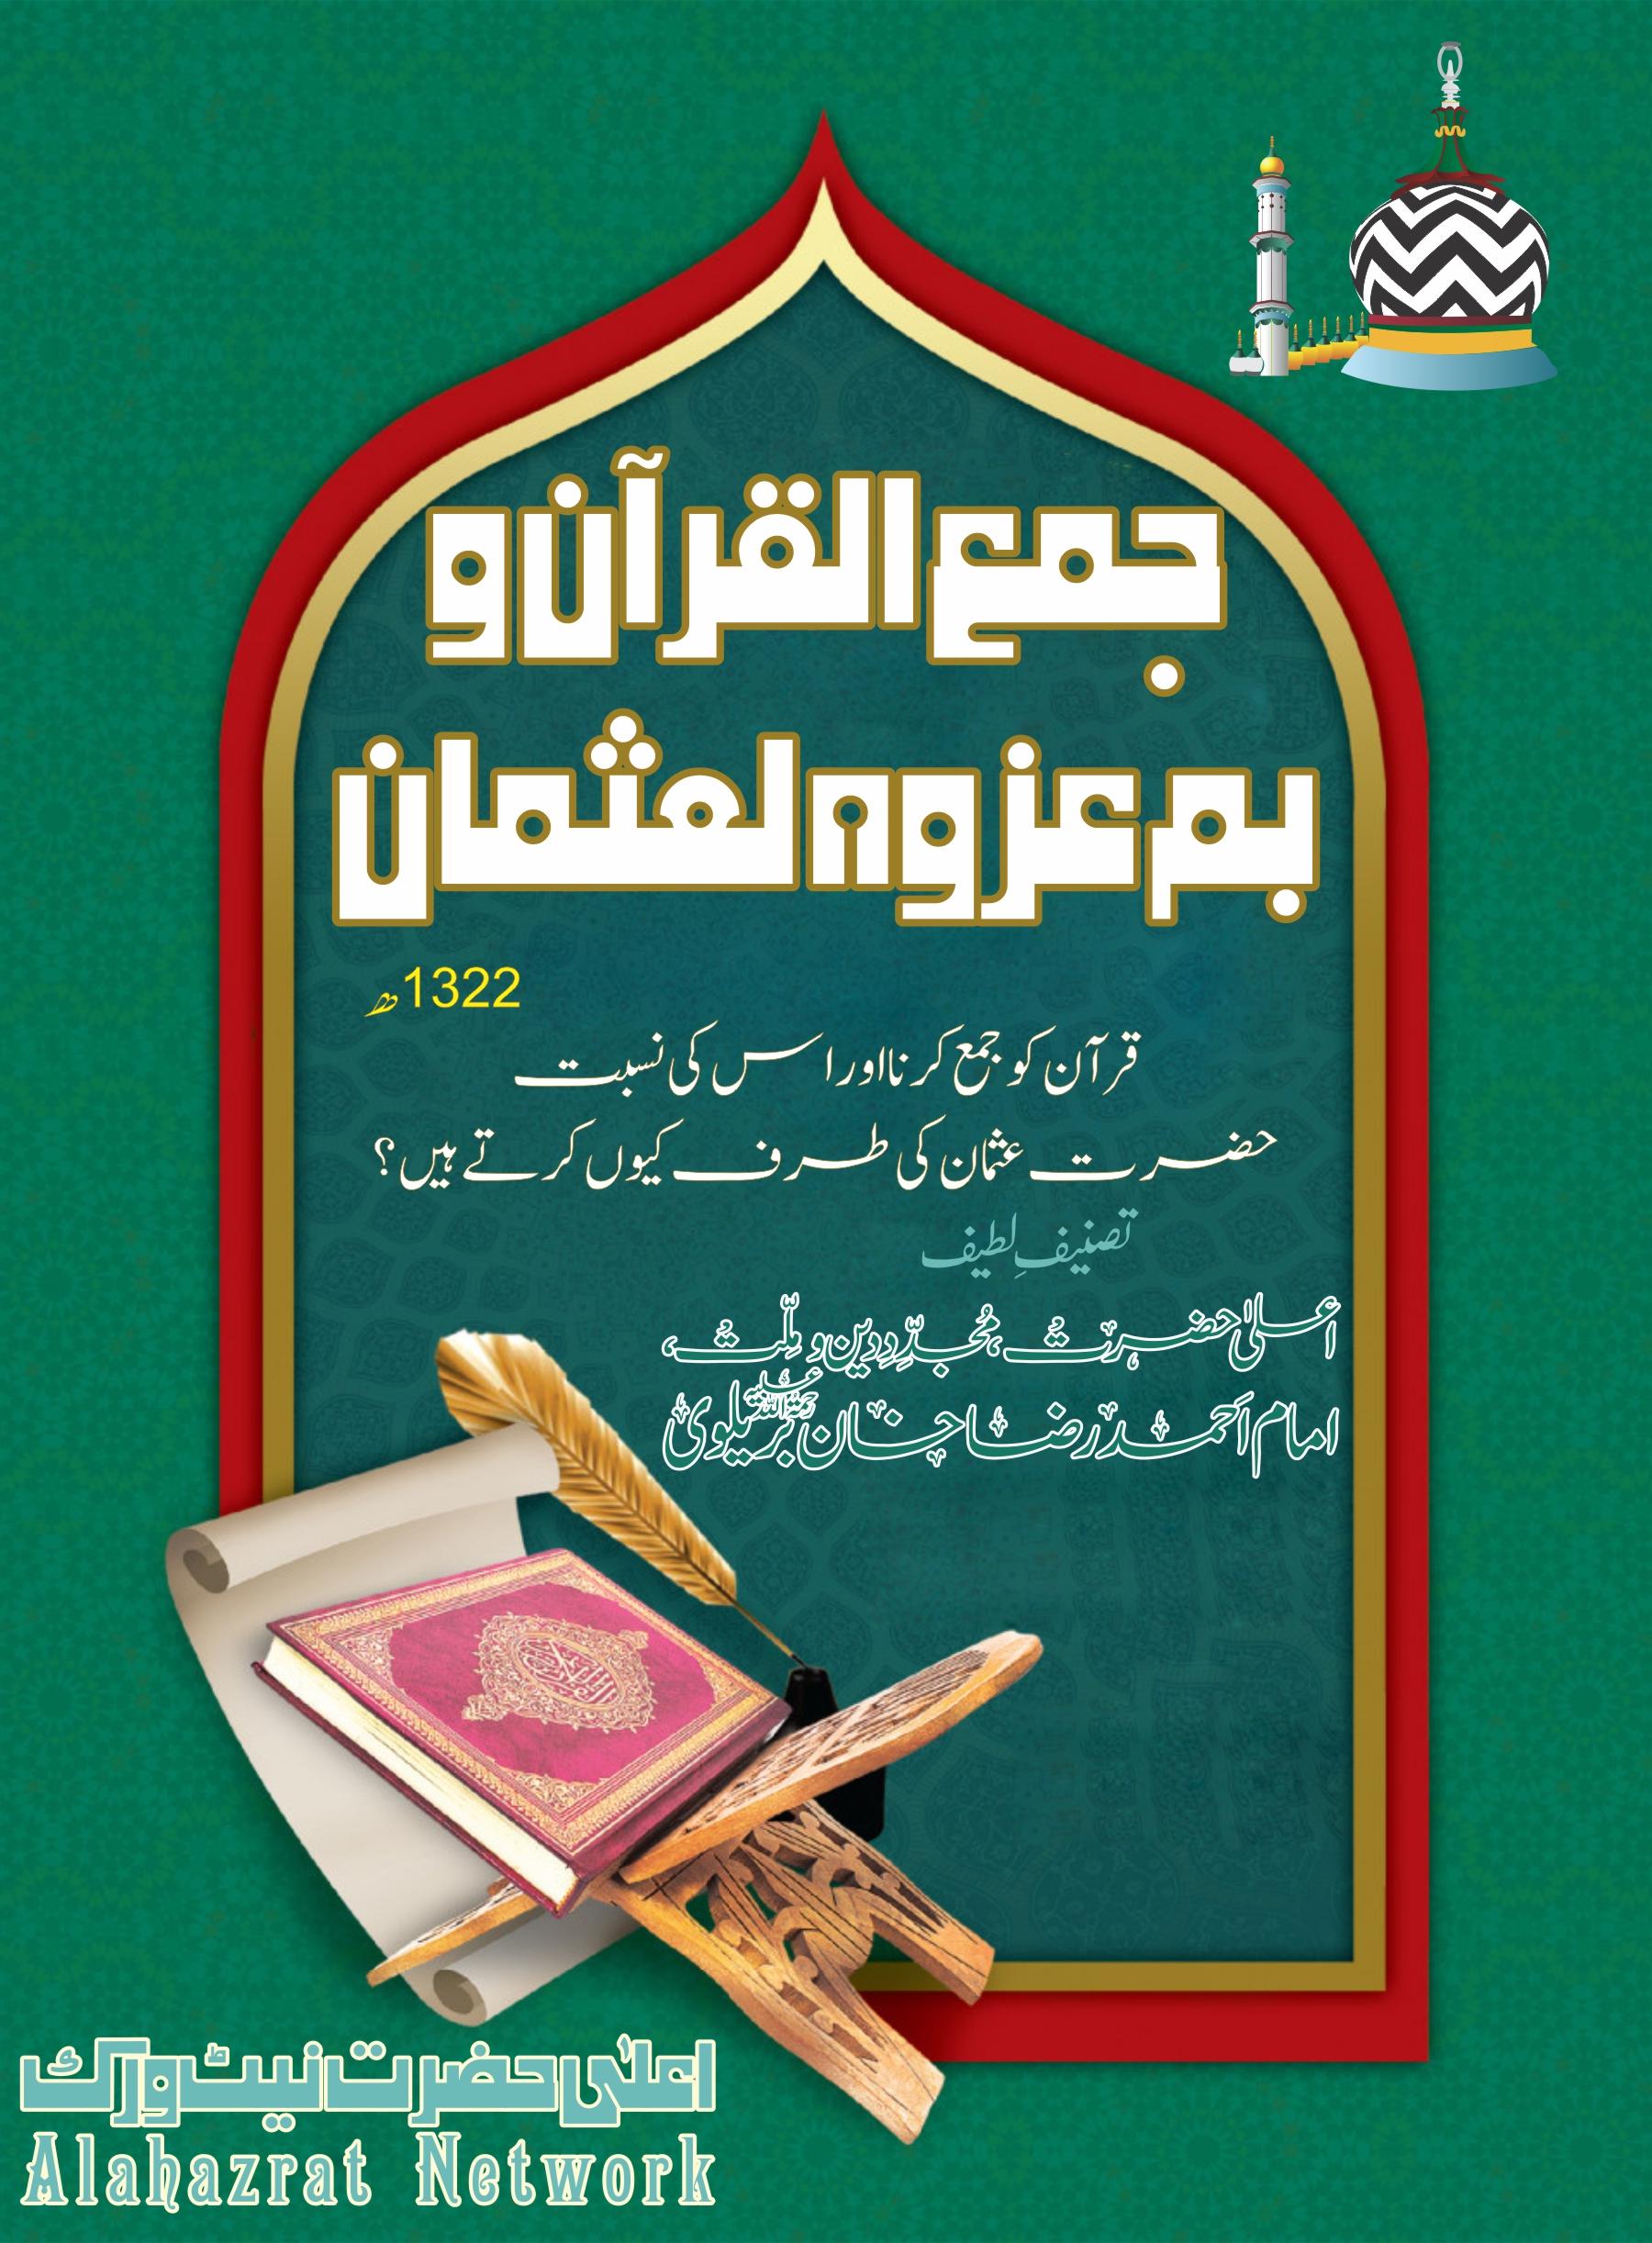 جمع القرآن وبم عزوه لعثمان